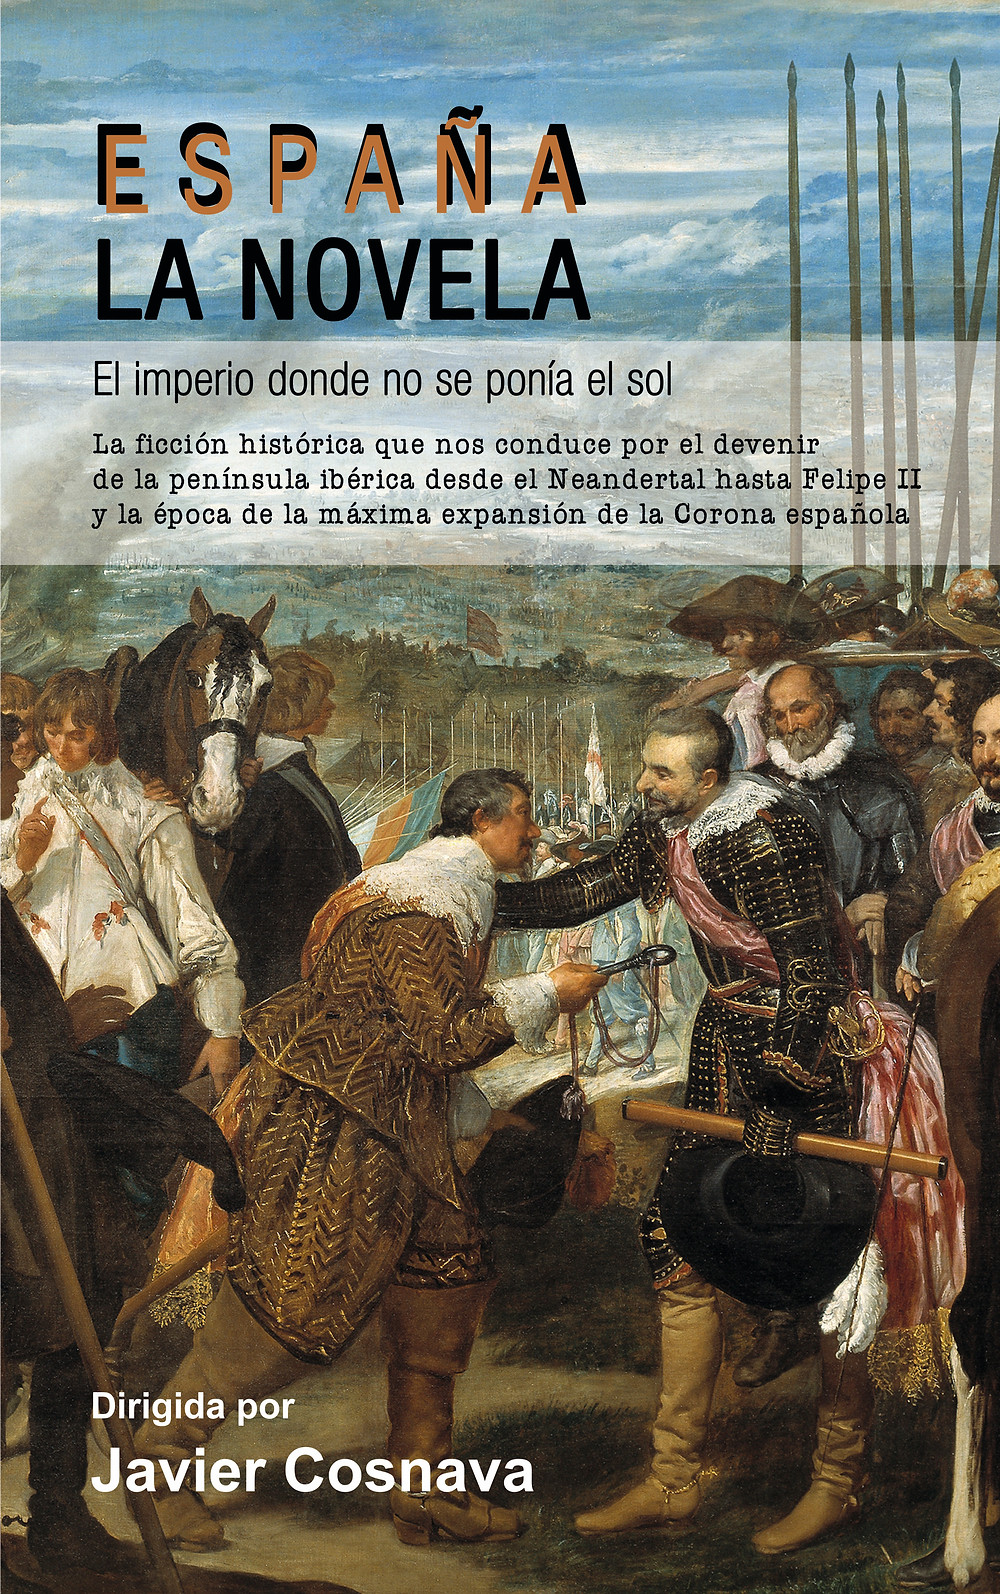 España, la novela. VVAA. Dirigida por Javier Cosnava. Dolmen editorial, 2018